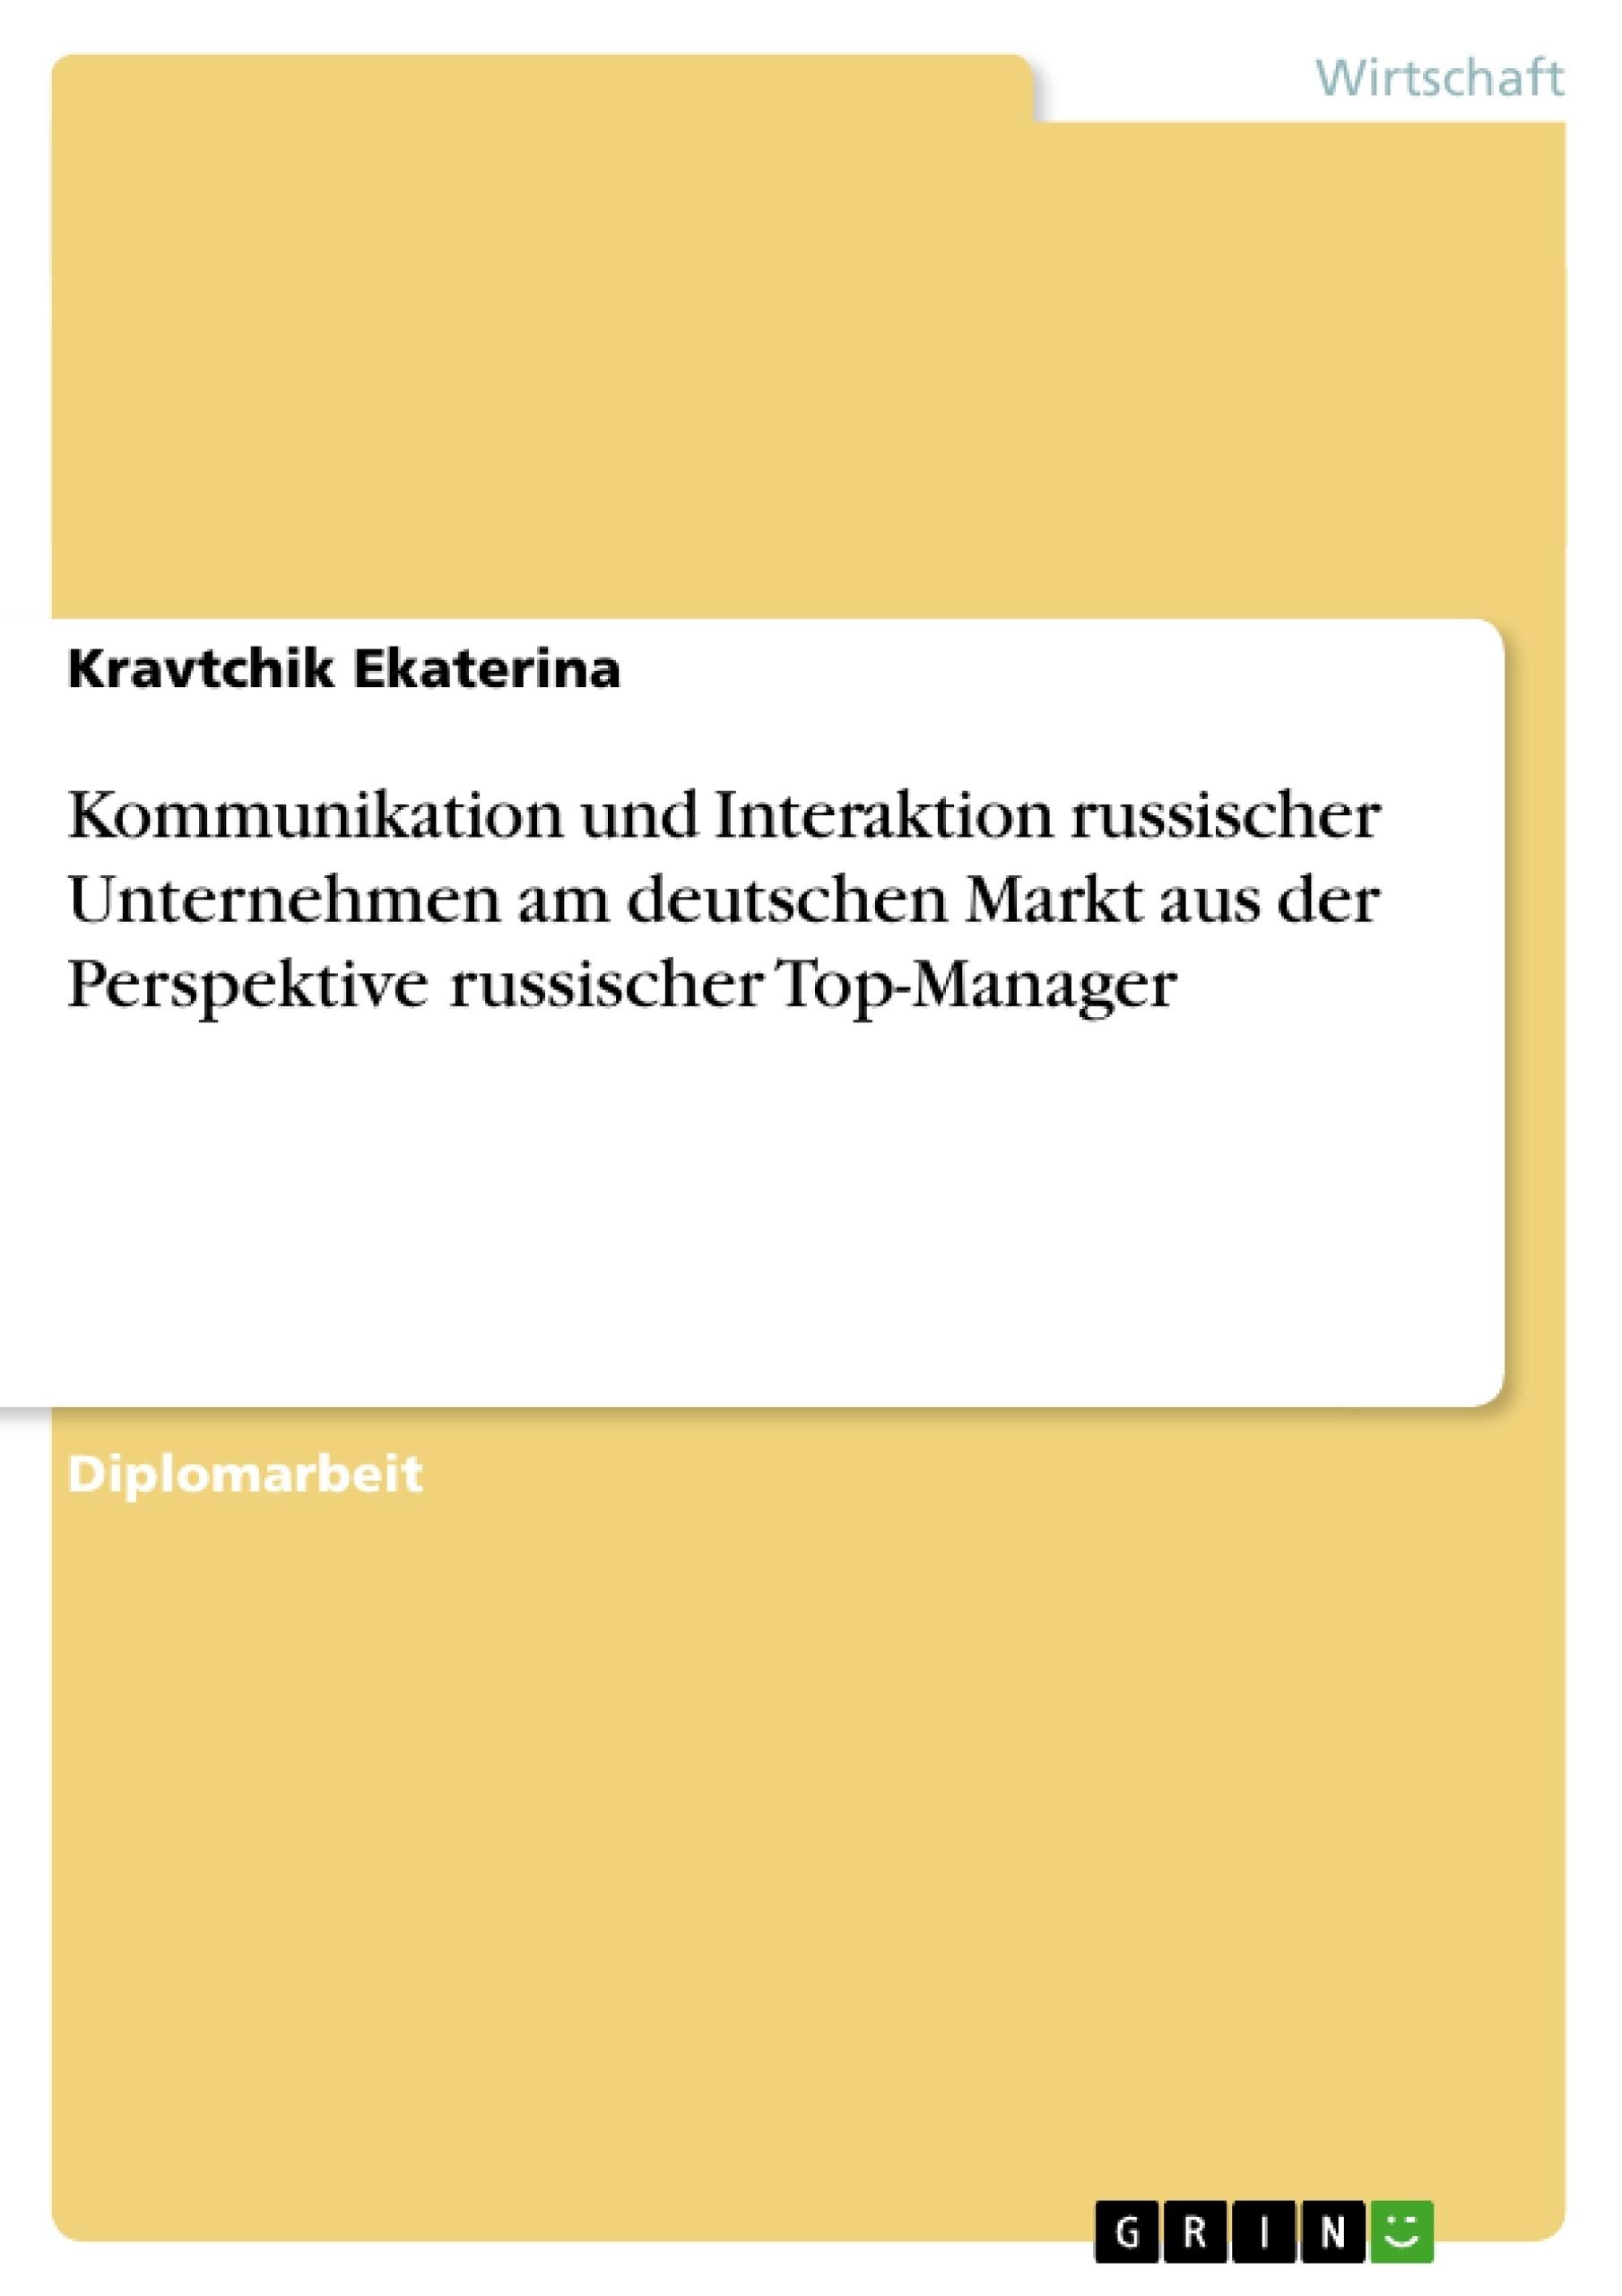 Titel: Kommunikation und Interaktion russischer Unternehmen am deutschen Markt aus der Perspektive russischer Top-Manager